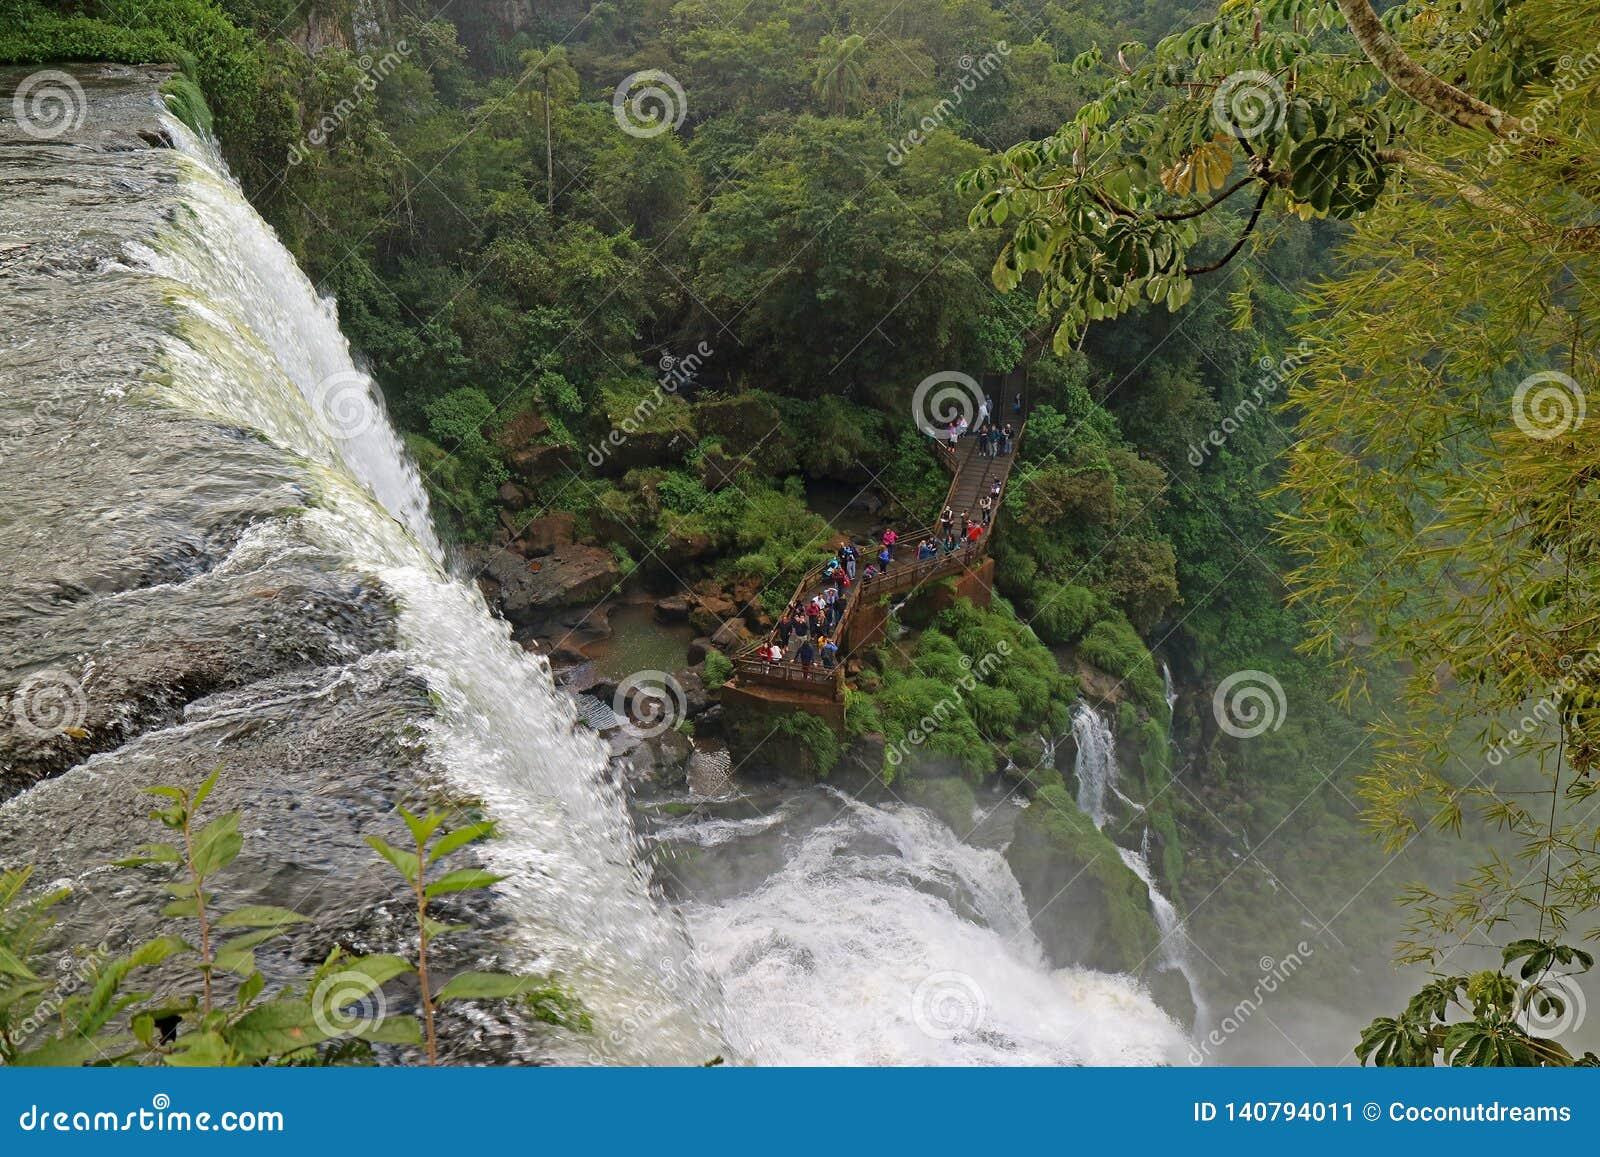 Vue aérienne de beaucoup de personnes découvrant la cascade impressionnante de la promenade, les chutes d Iguaçu, Puerto Iguazu,